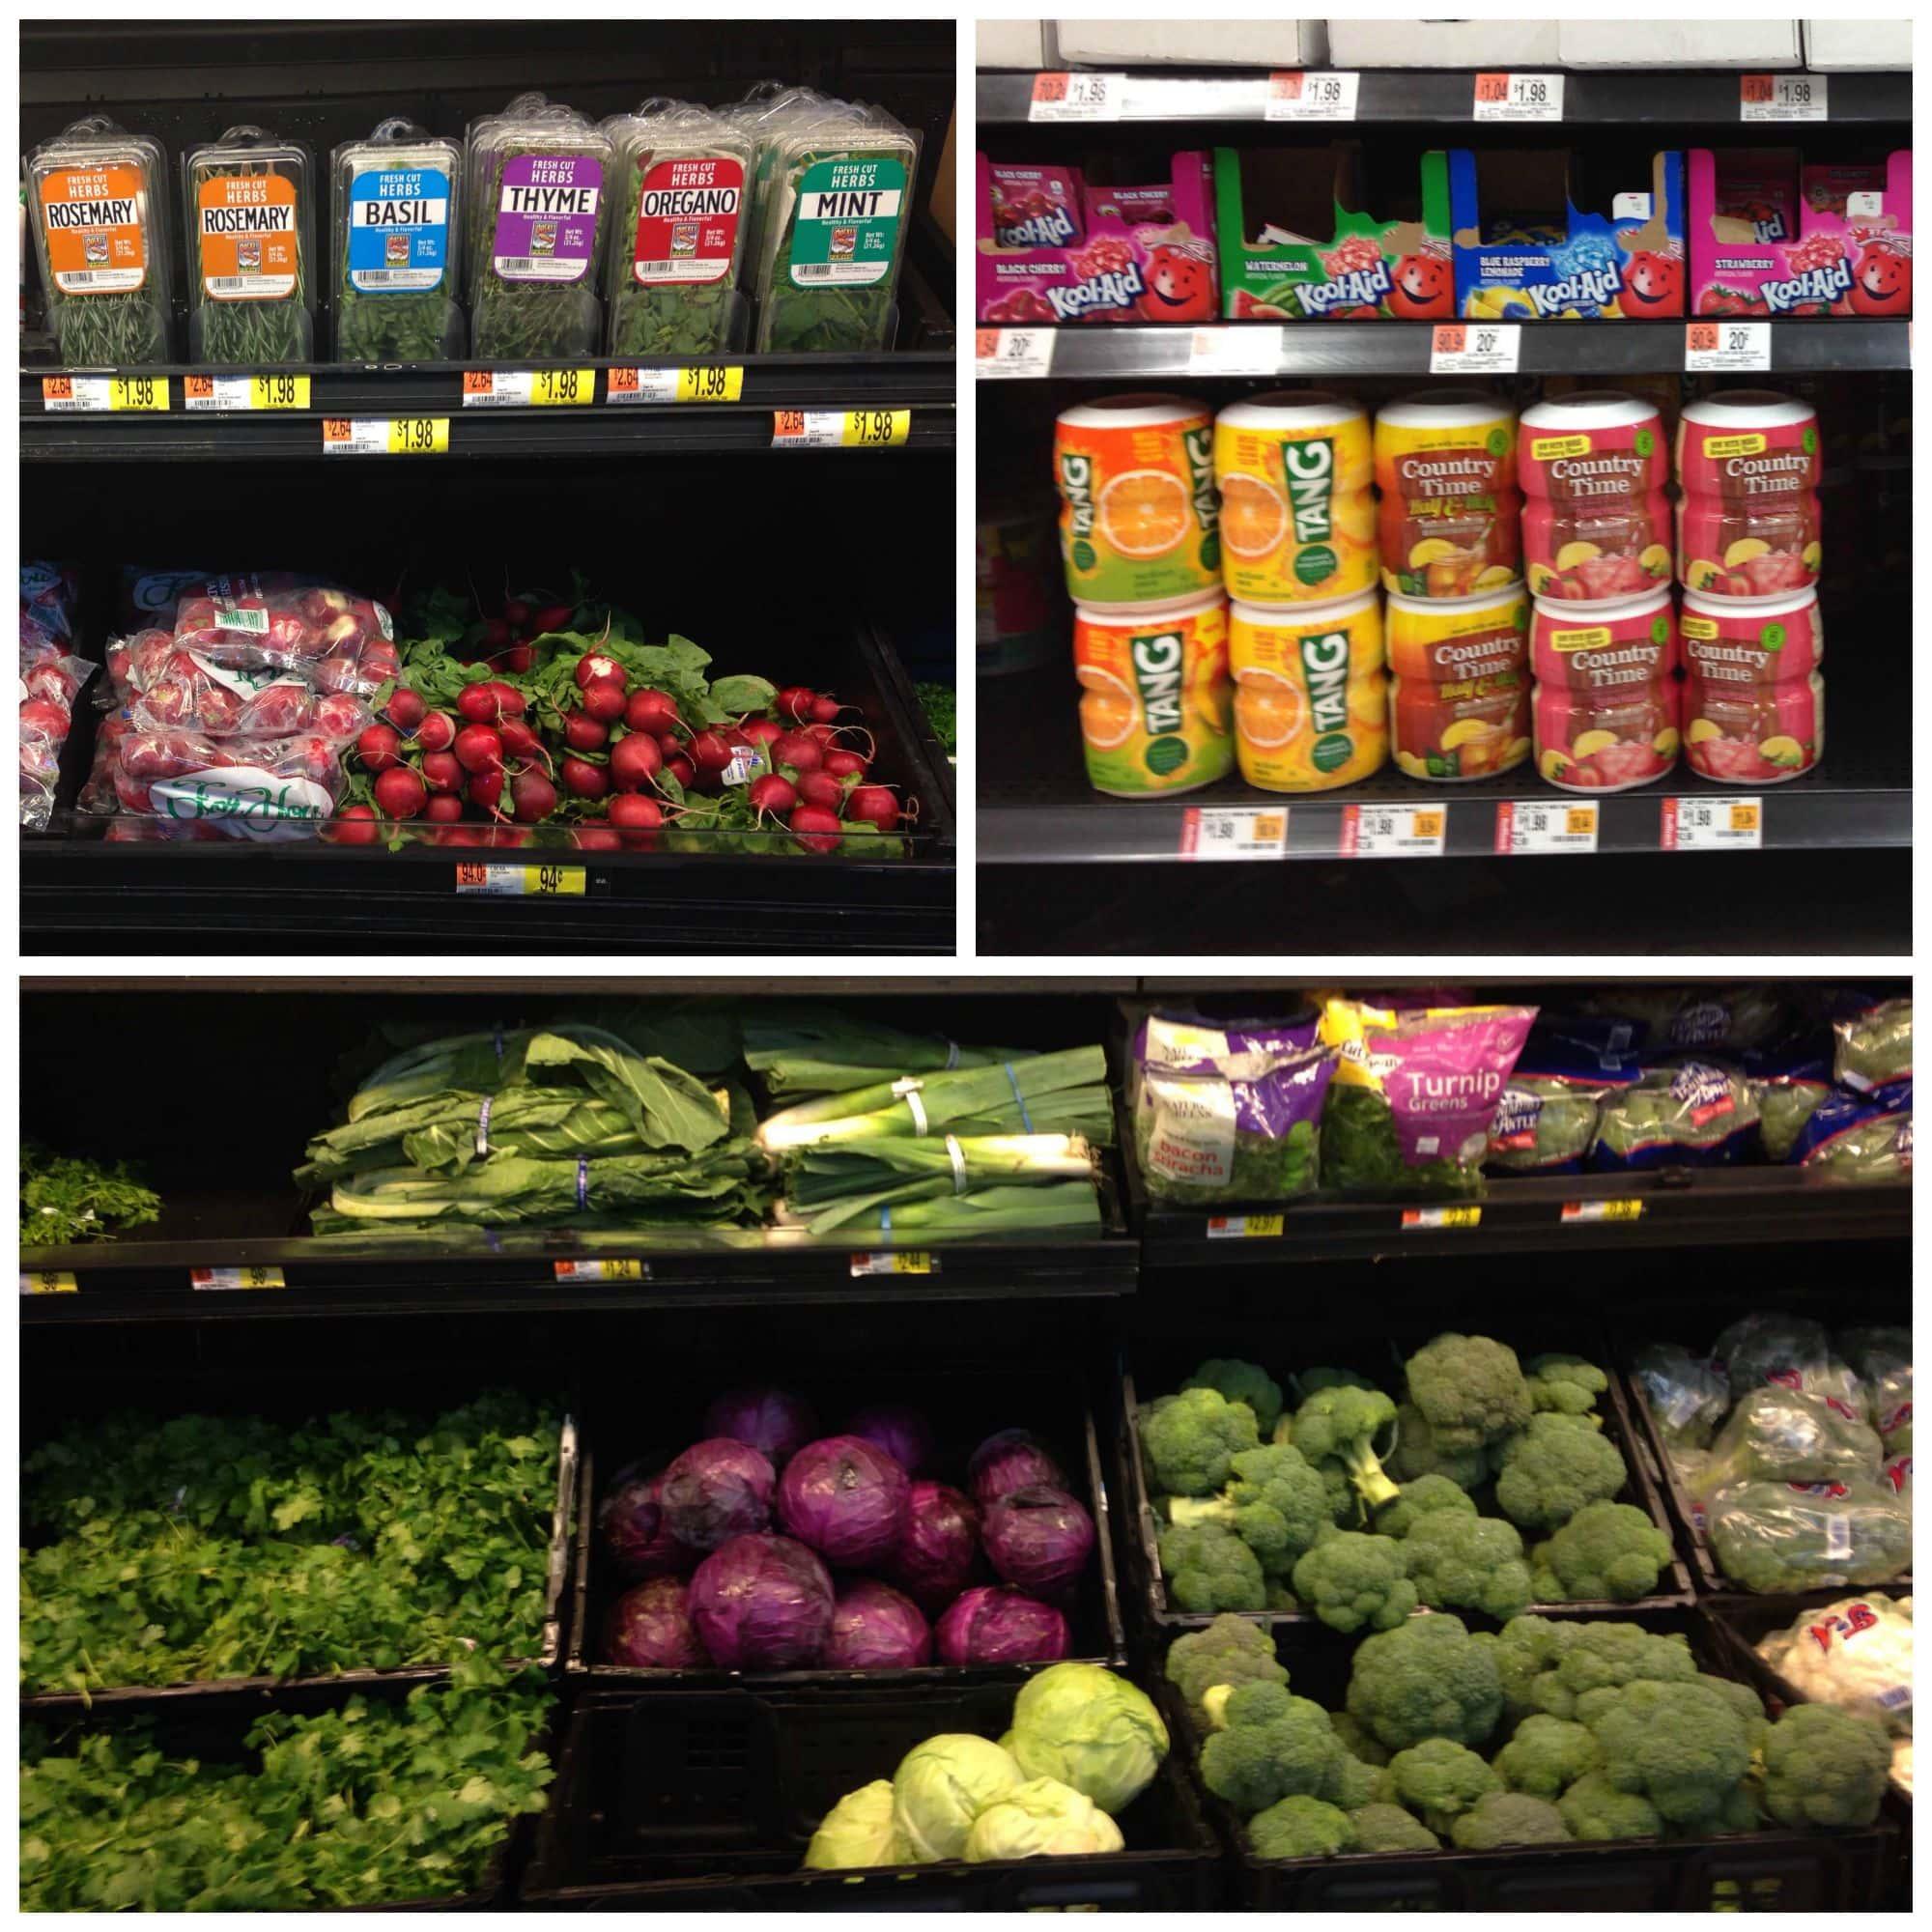 Produce at Walmart